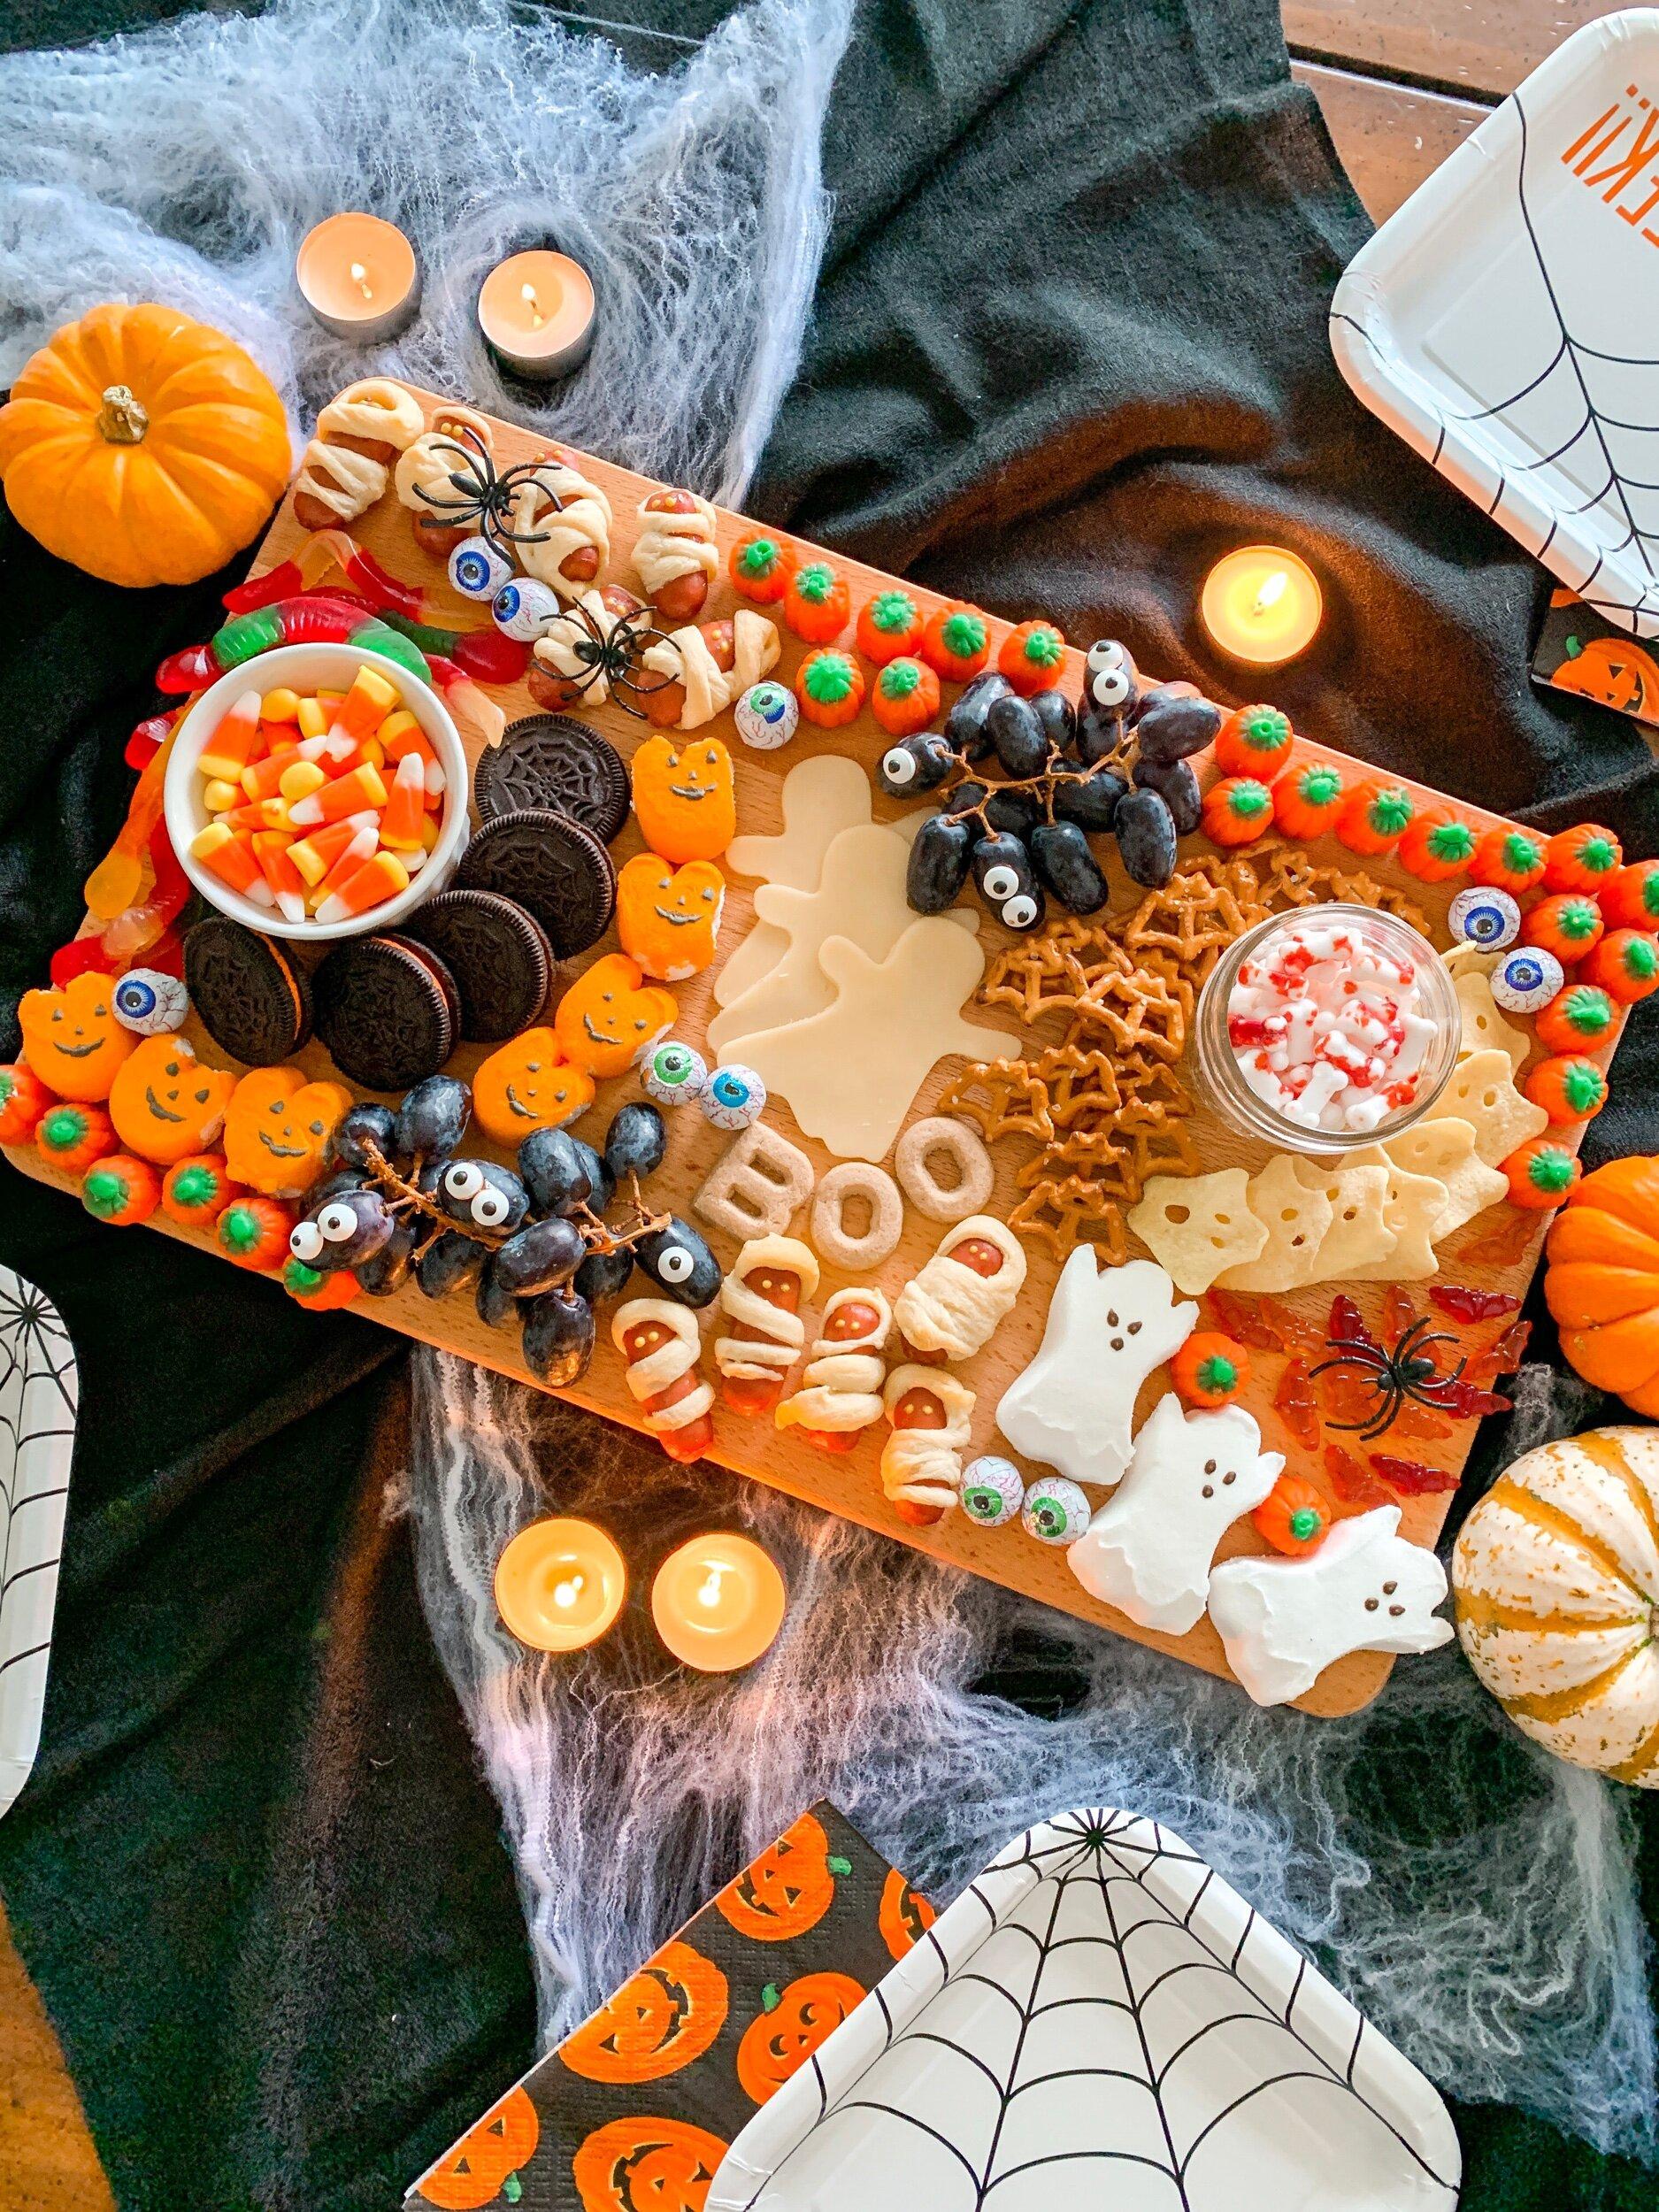 Make a kid friendly Halloween Charcuterie Board this season!